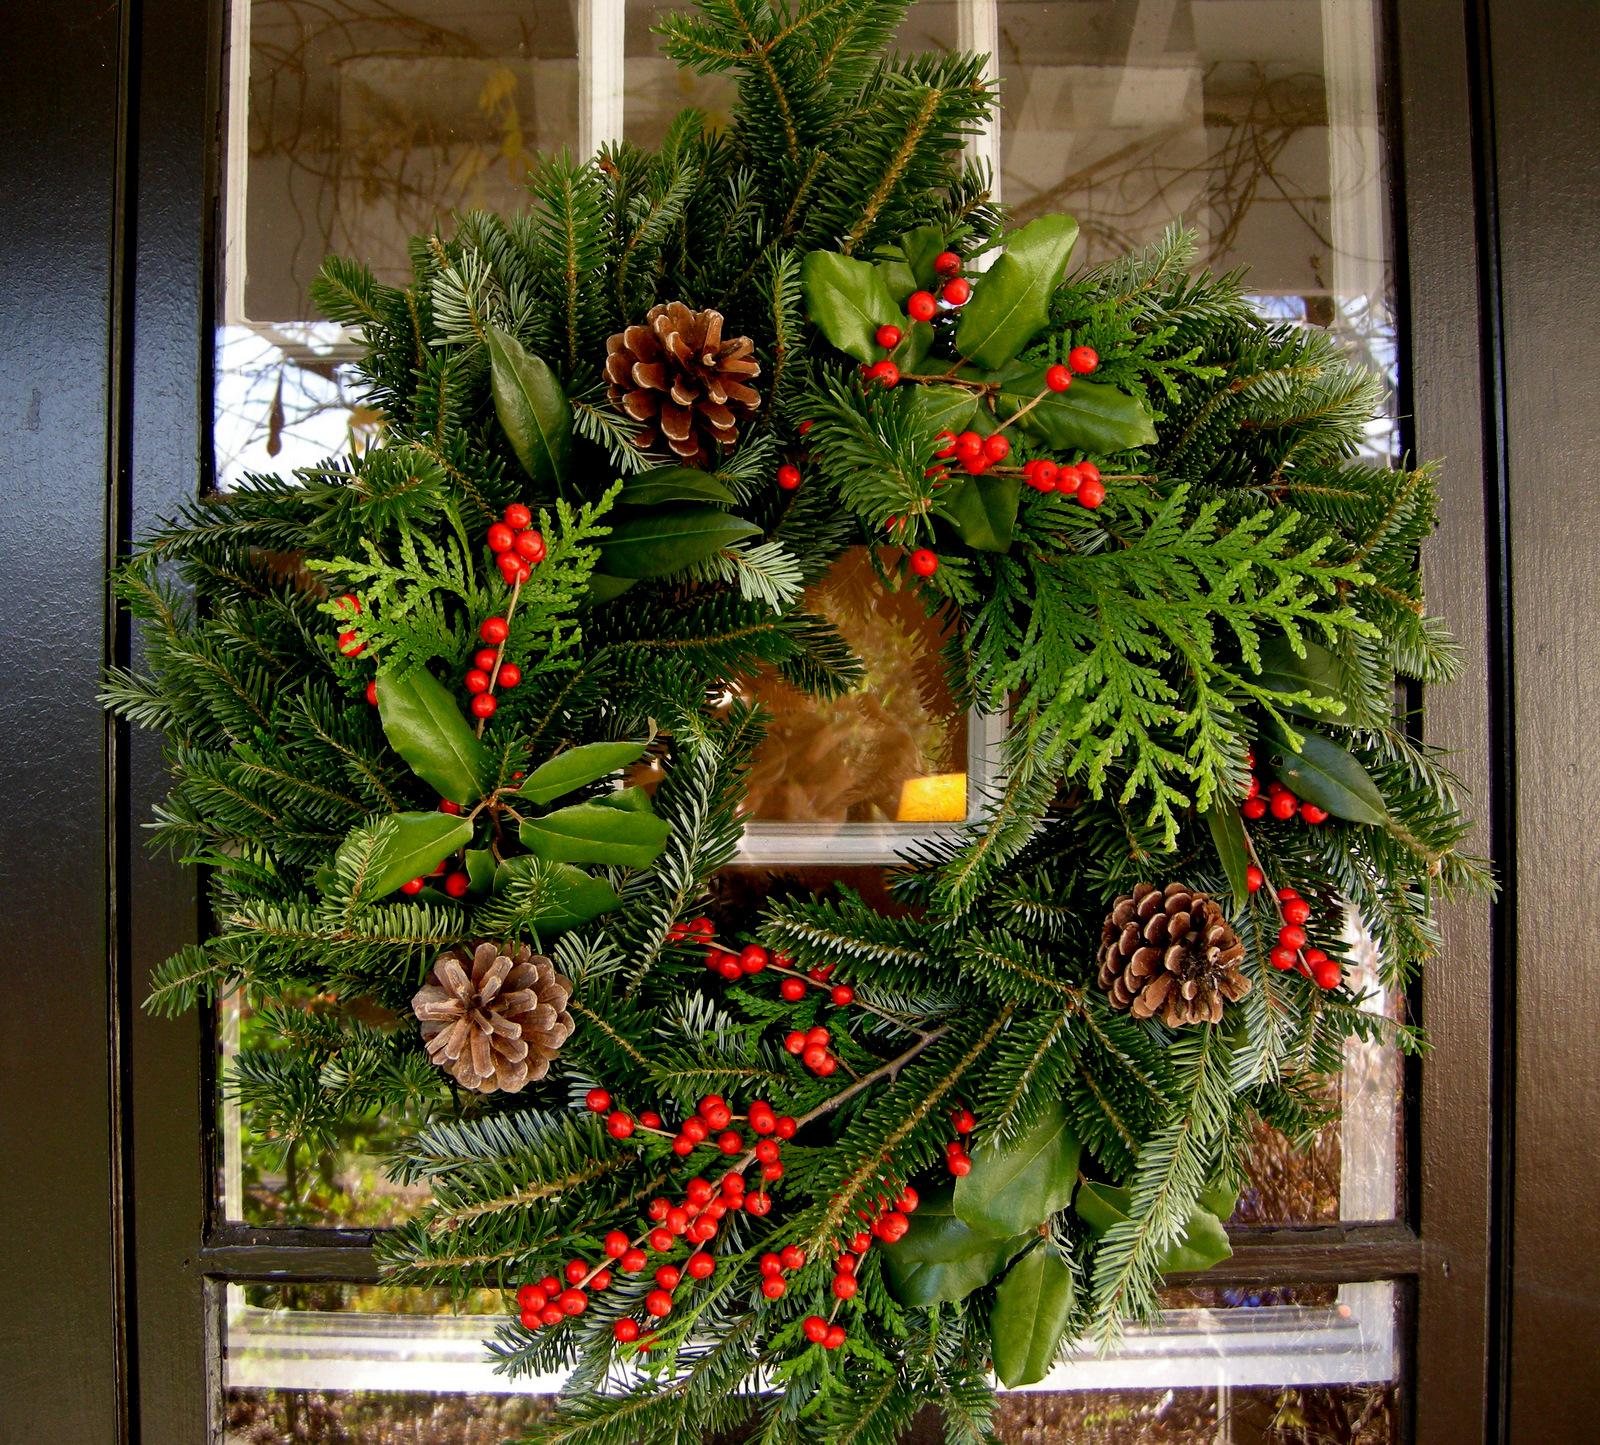 Fresh Festive Wreath